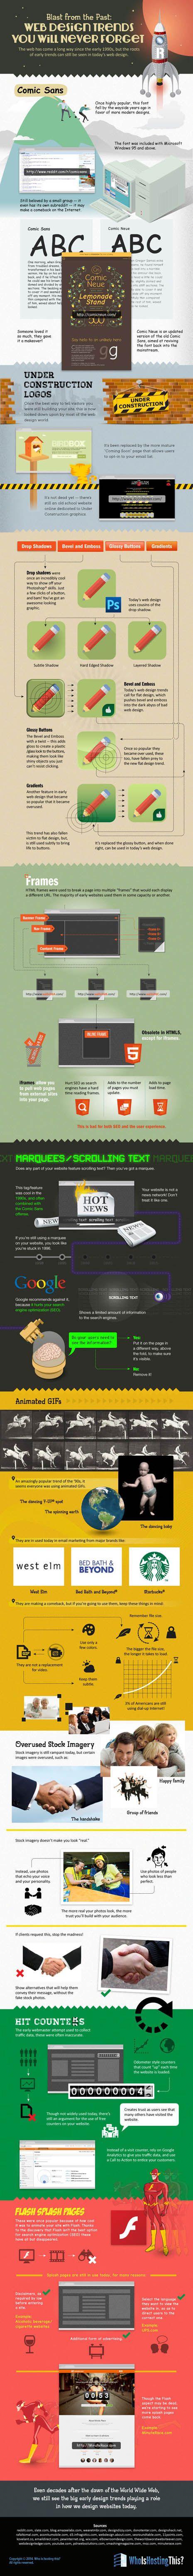 25 años de Diseño Web - Marketing Directo